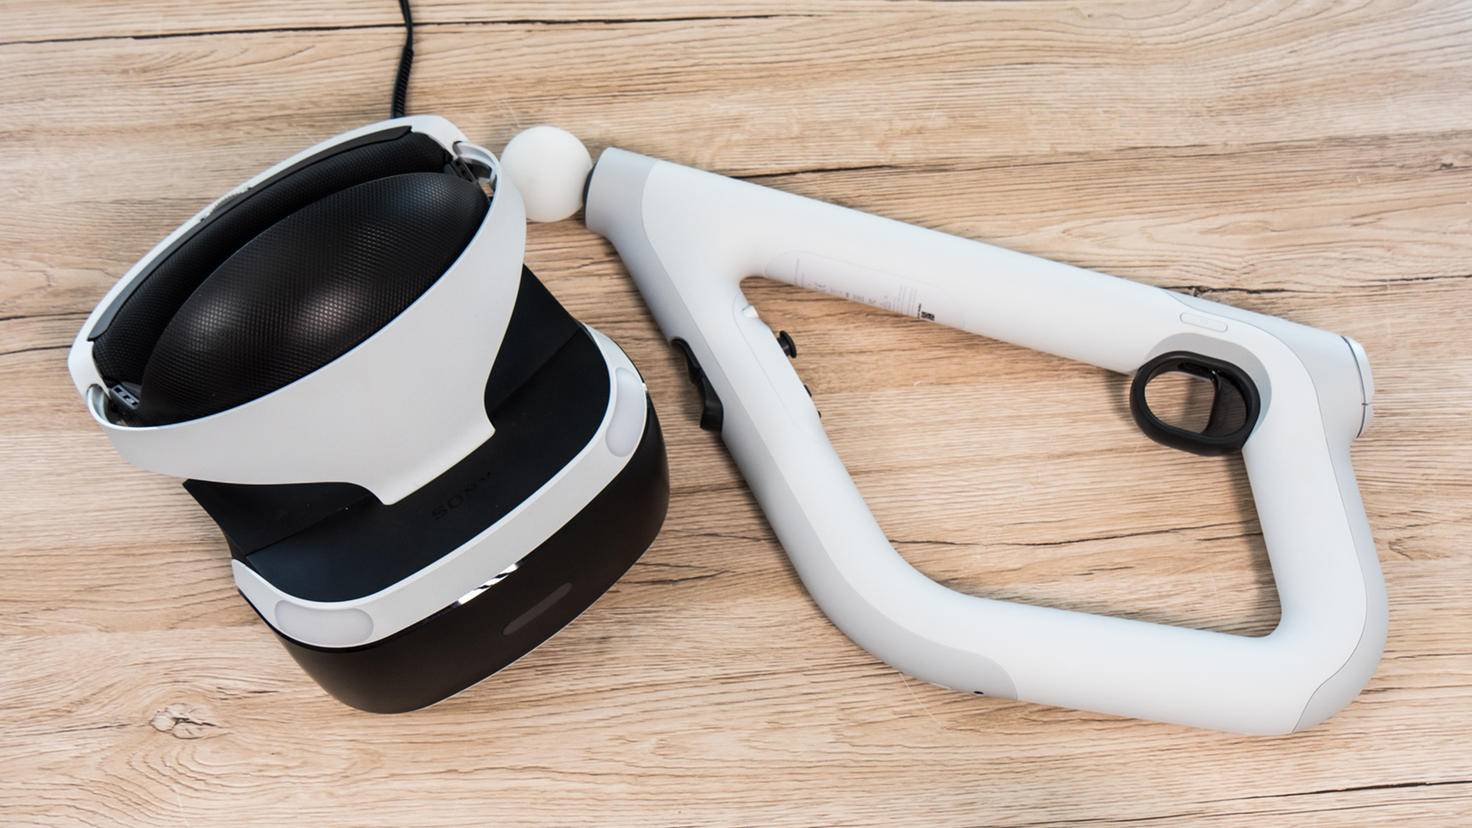 Der PlayStation VR-Ziel-Controller wurde speziell für Shooter mit der PS VR entwickelt.